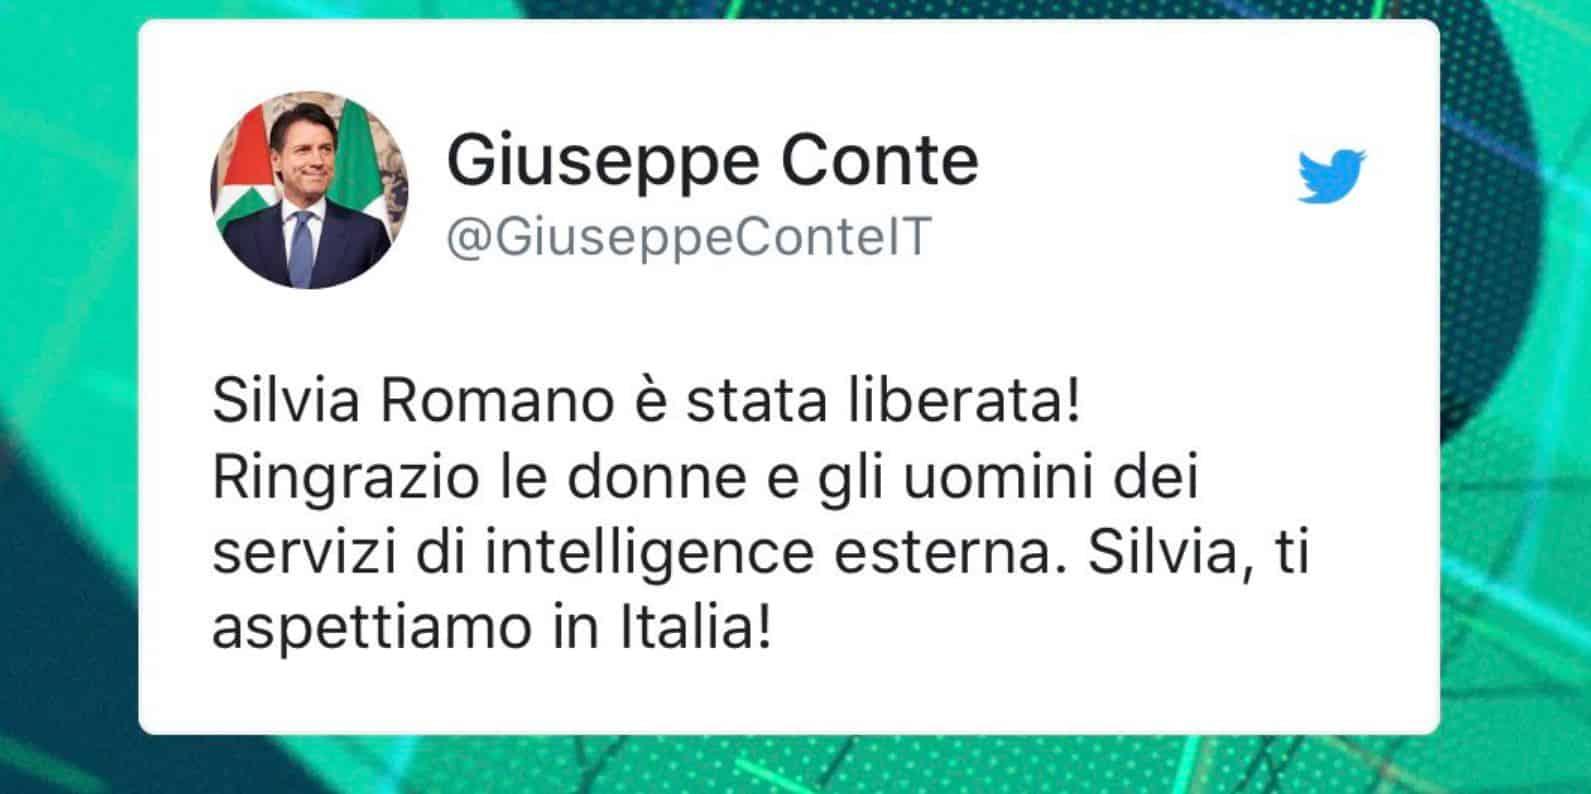 Silvia Romano torna libera: lo annuncia il Premier Conte sui social